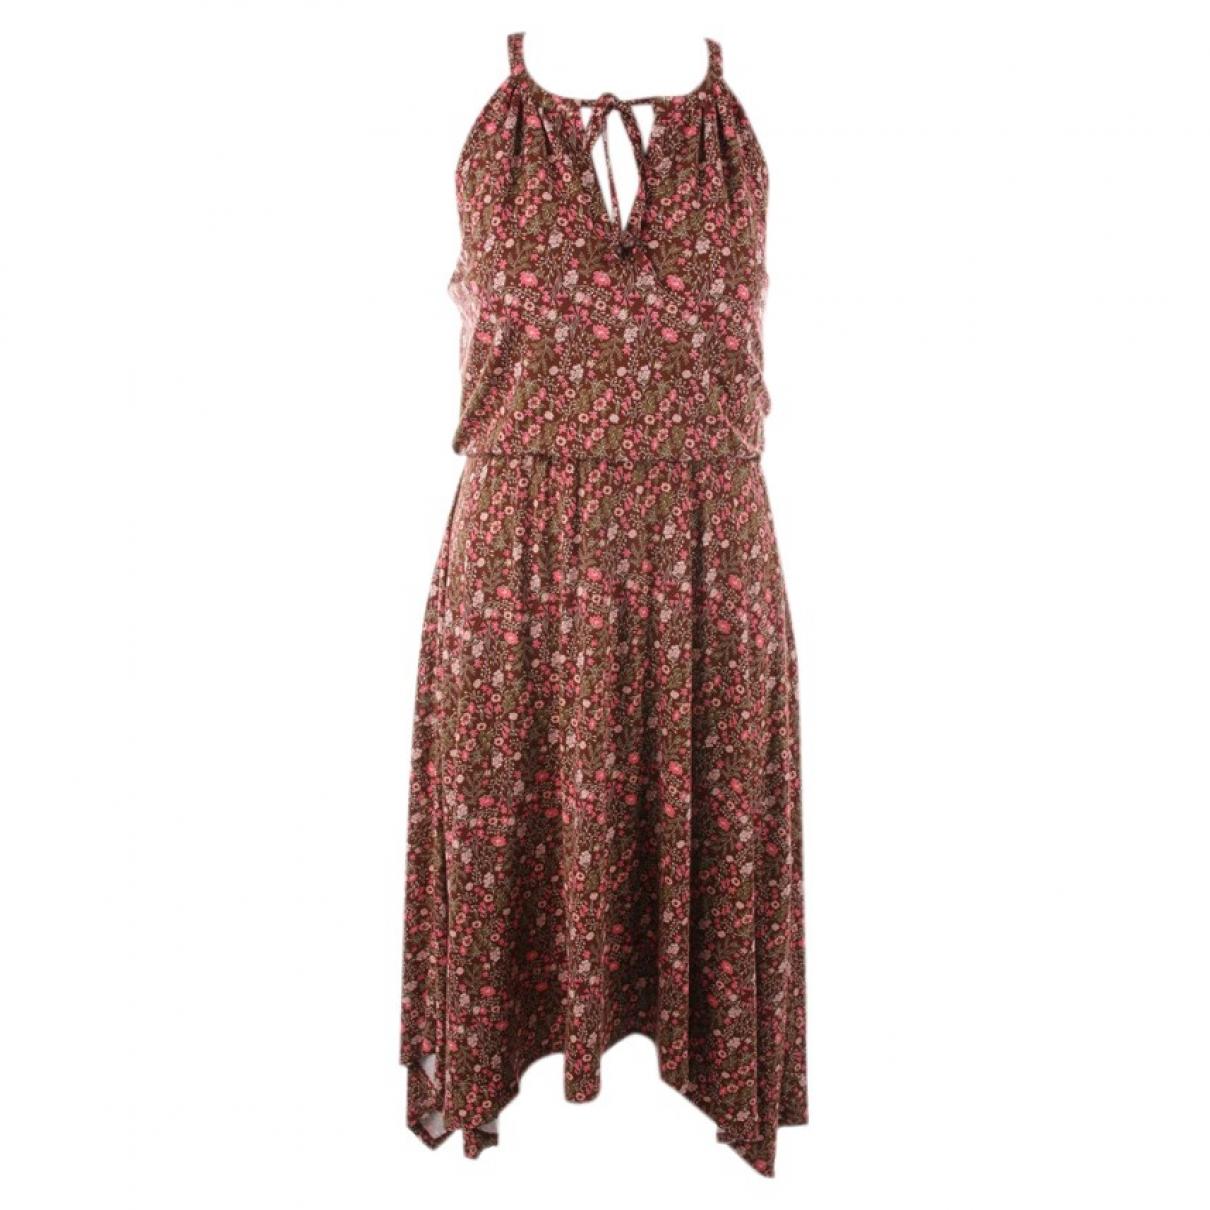 Rachel Zoe \N Kleid in  Bunt Viskose